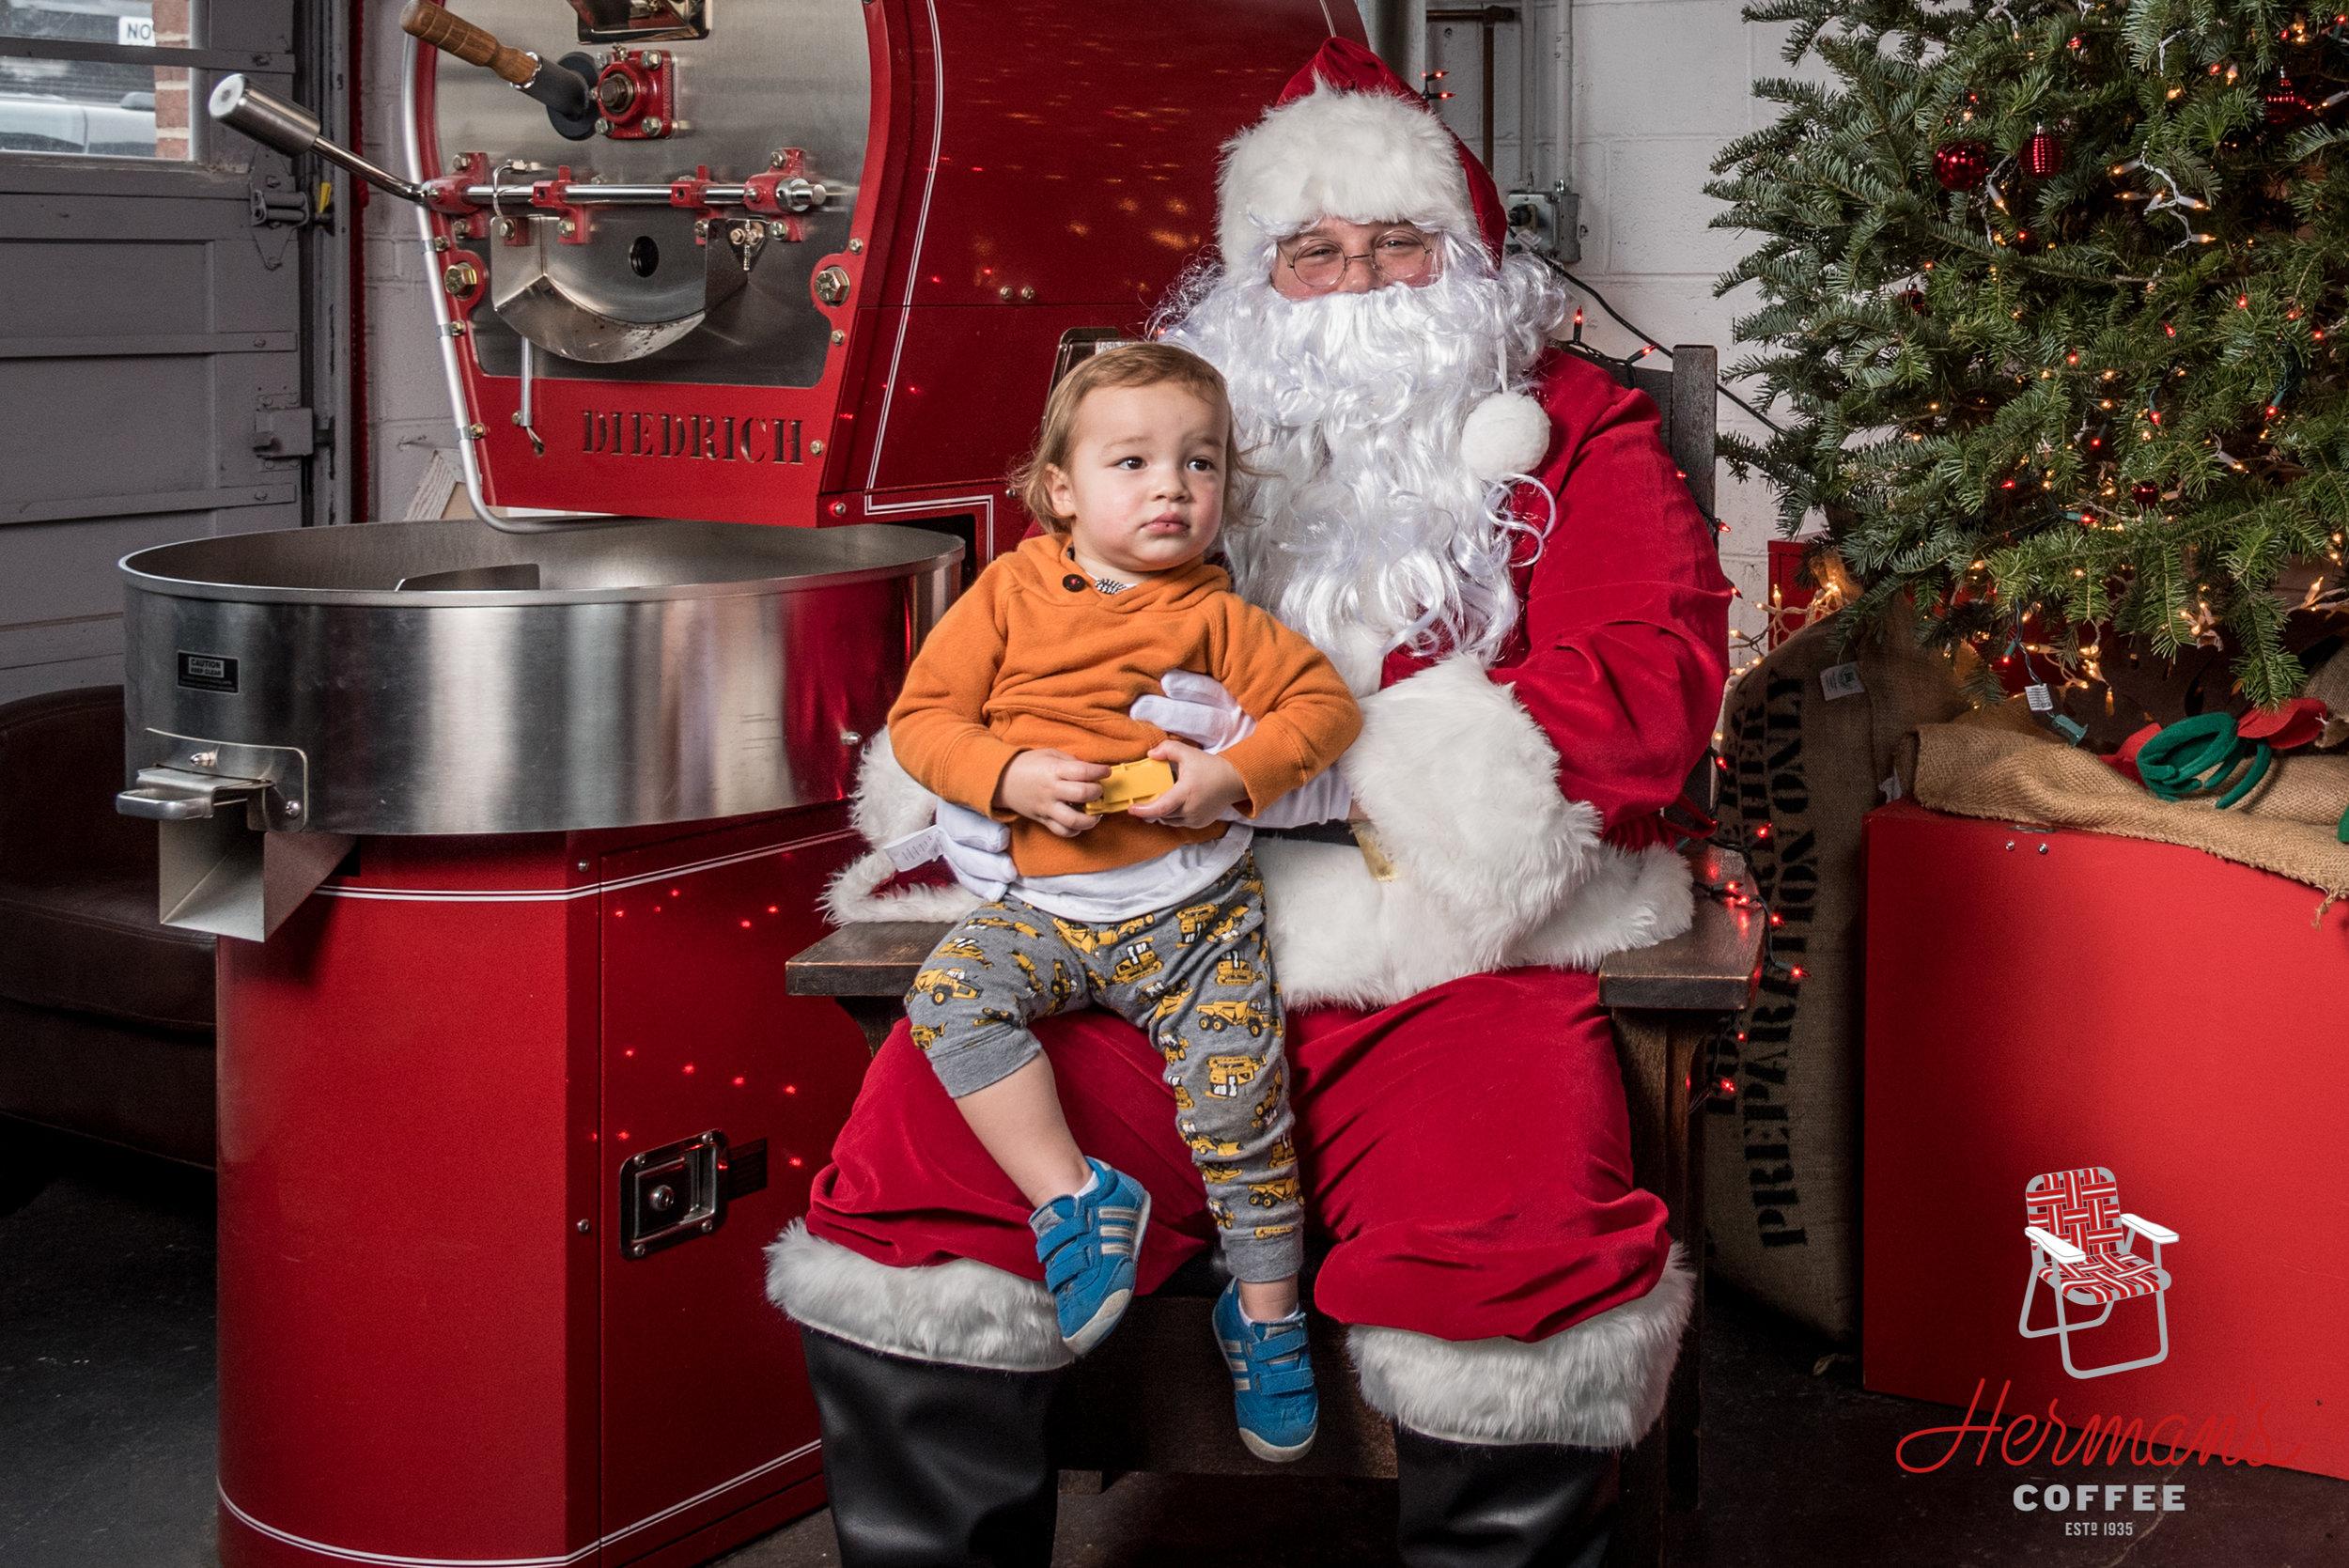 HermansCafe_Santa2018-14.jpg